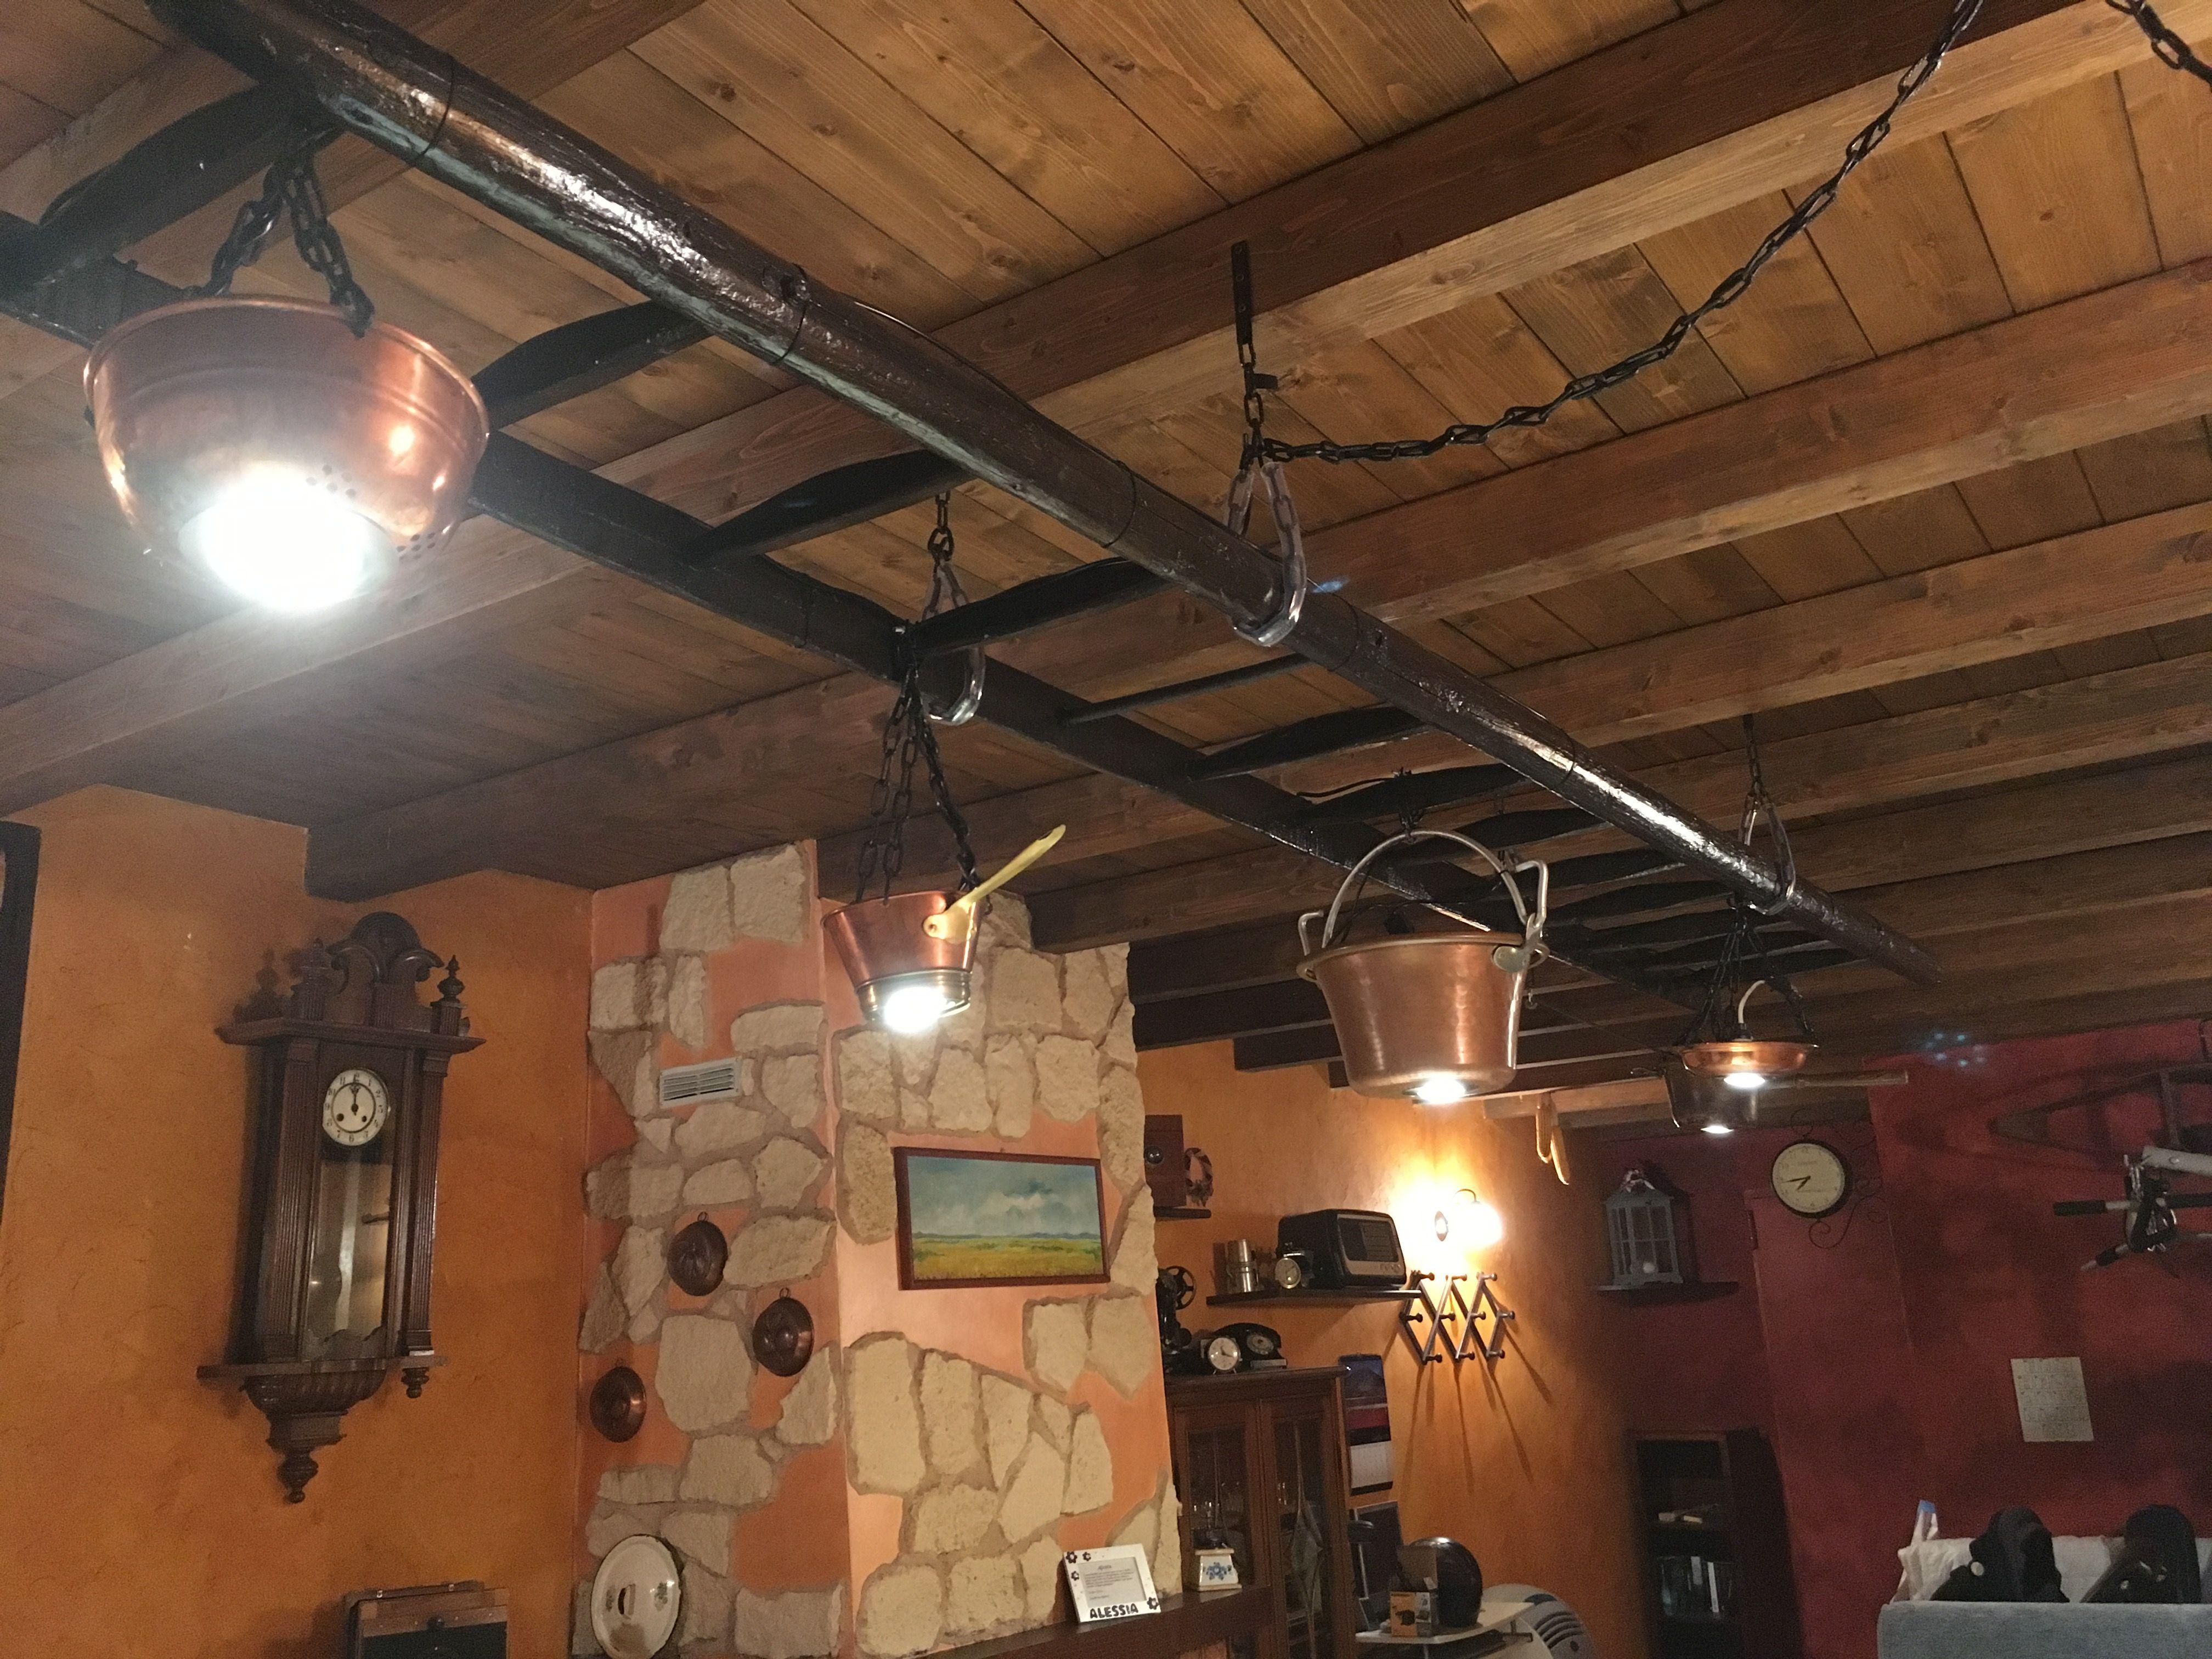 Lampade Rustiche In Rame : Vecchia scala trasformata in lampadario con pentole in rame idee